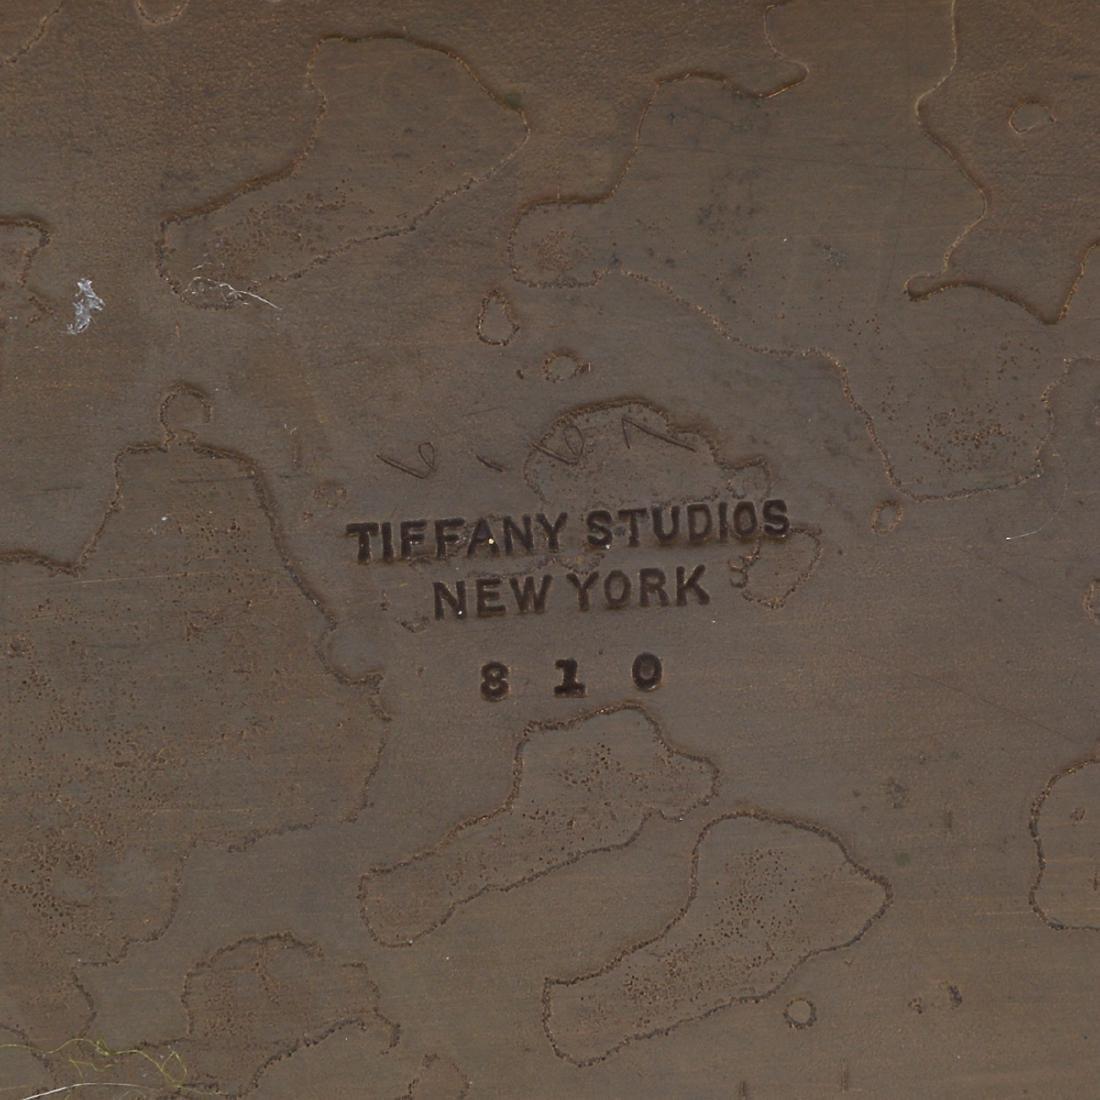 Tiffany Studios Zodiac Box #810 and Tiffany Studios - 7